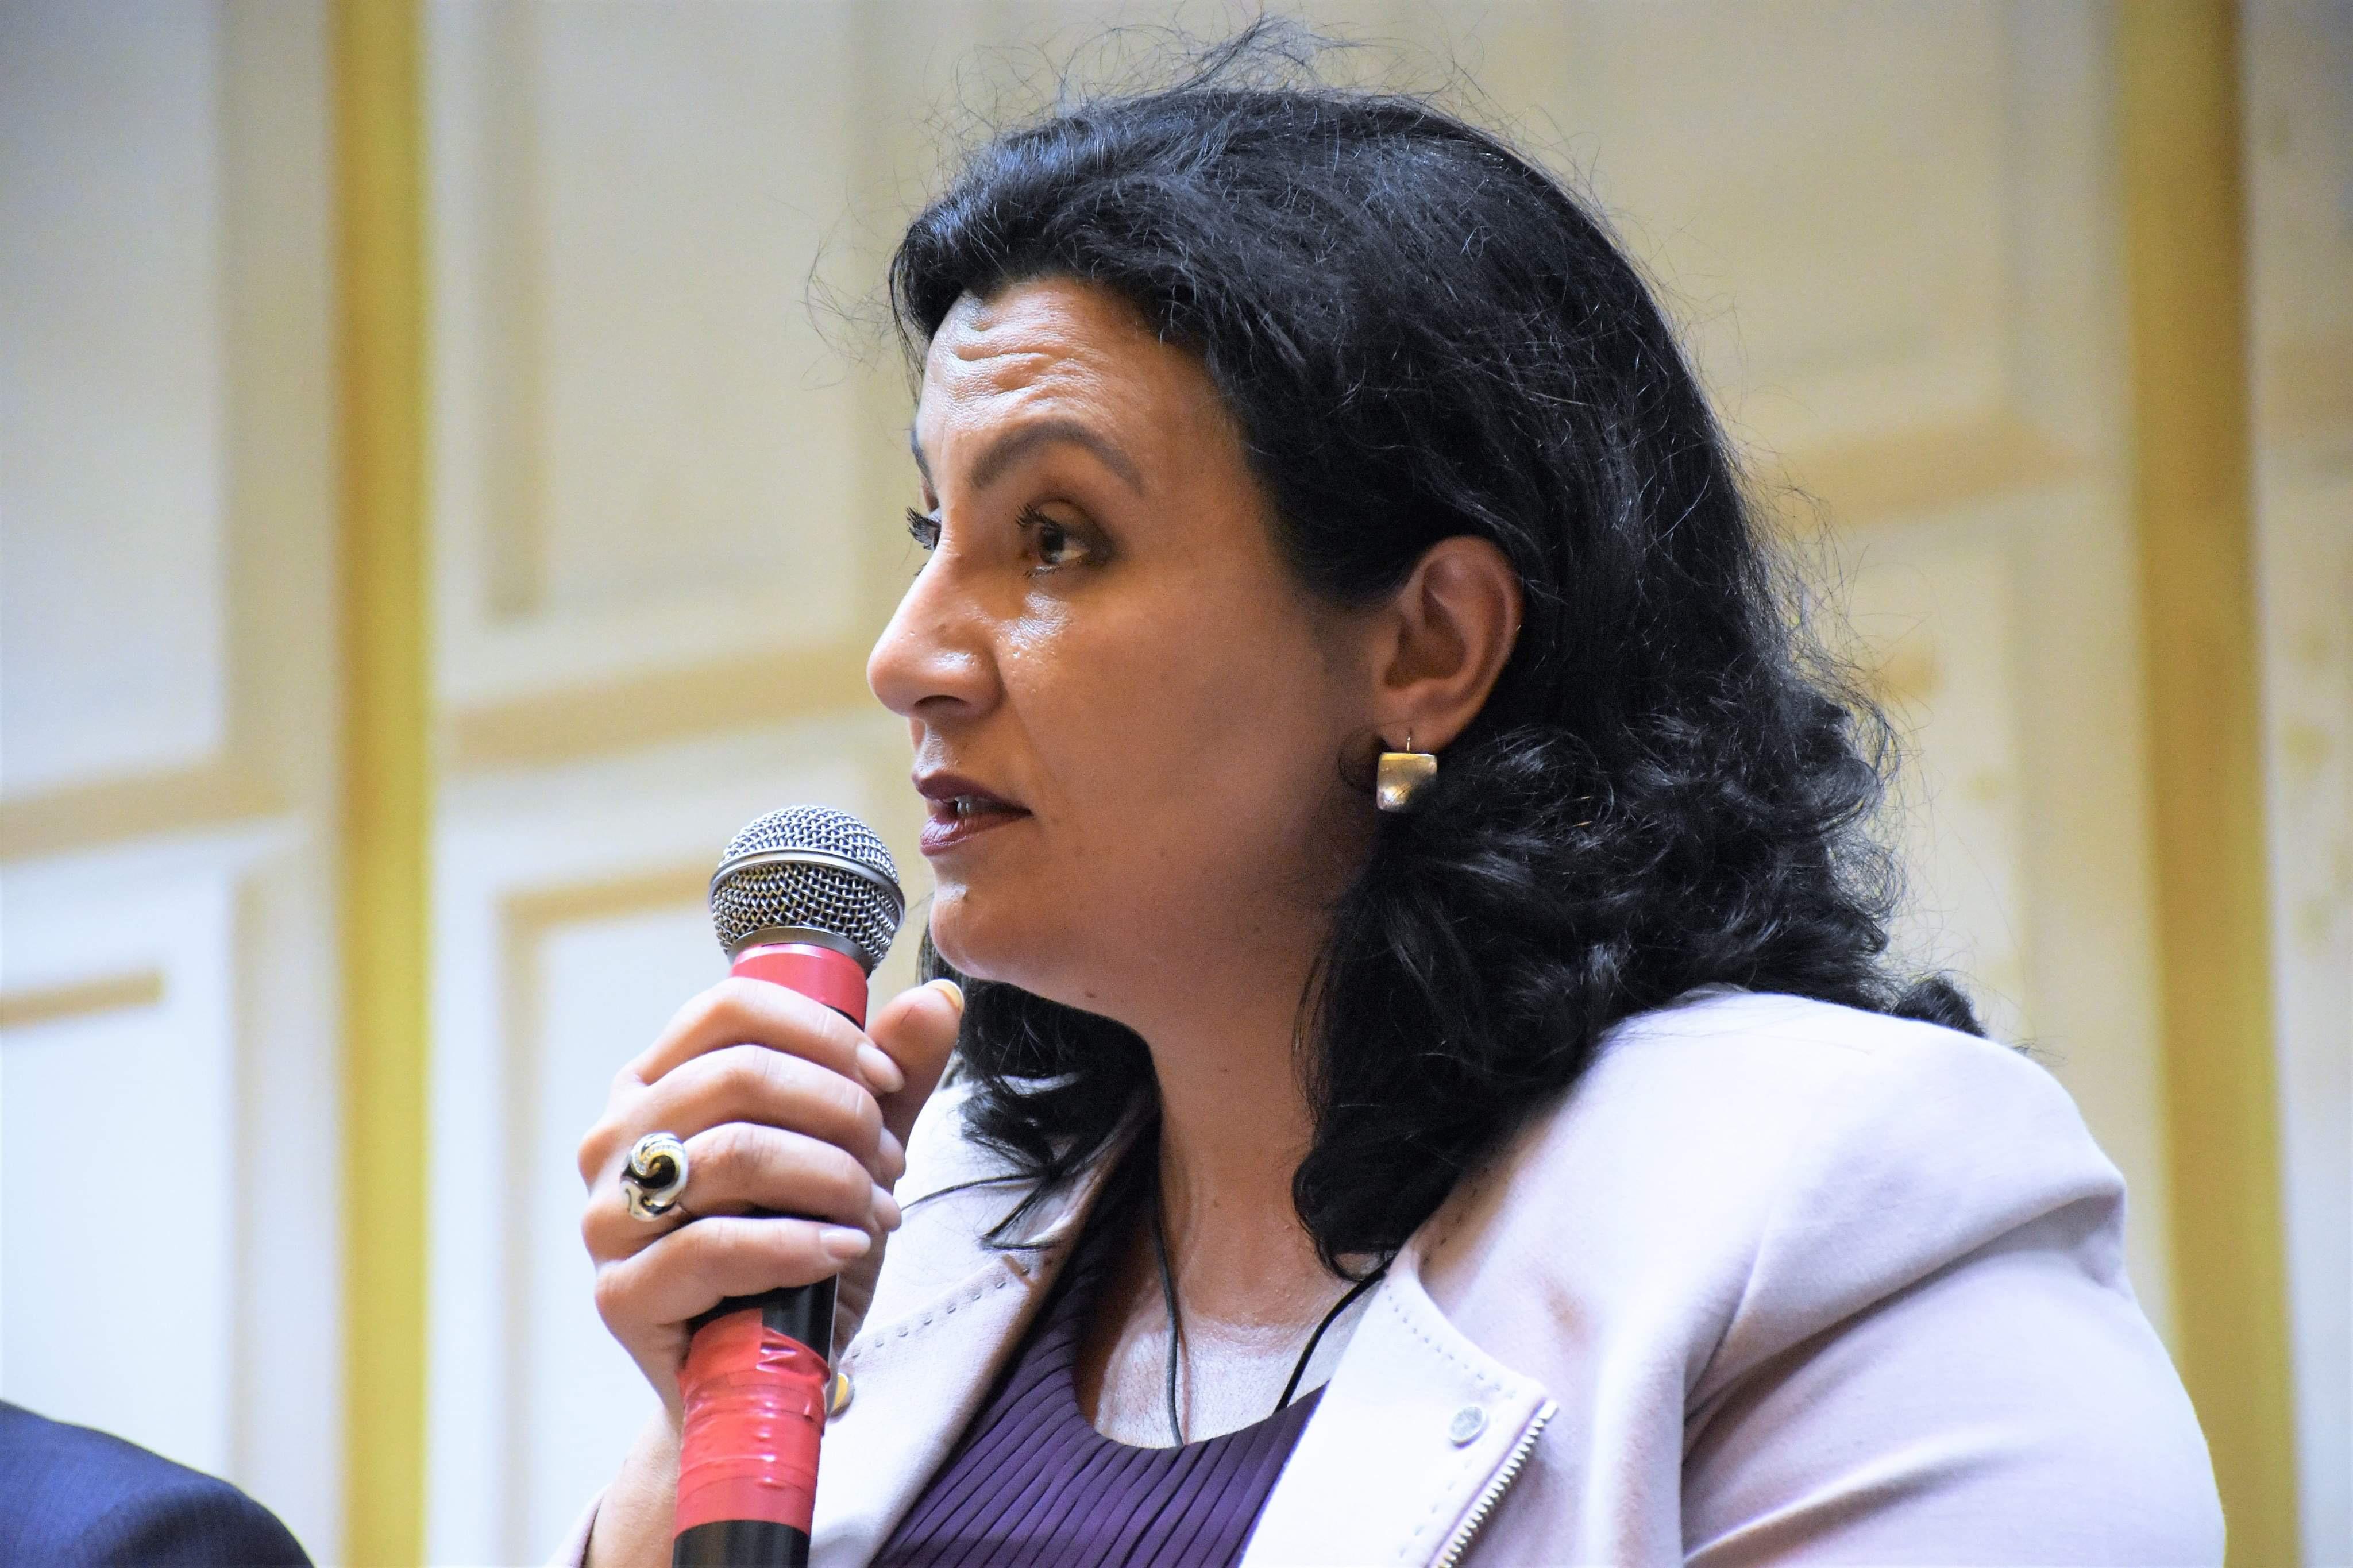 Іванна Климпуш-Цинцадзе: Російська Федерація запланувала на 2019 рік останній і рішучий бій за Україну